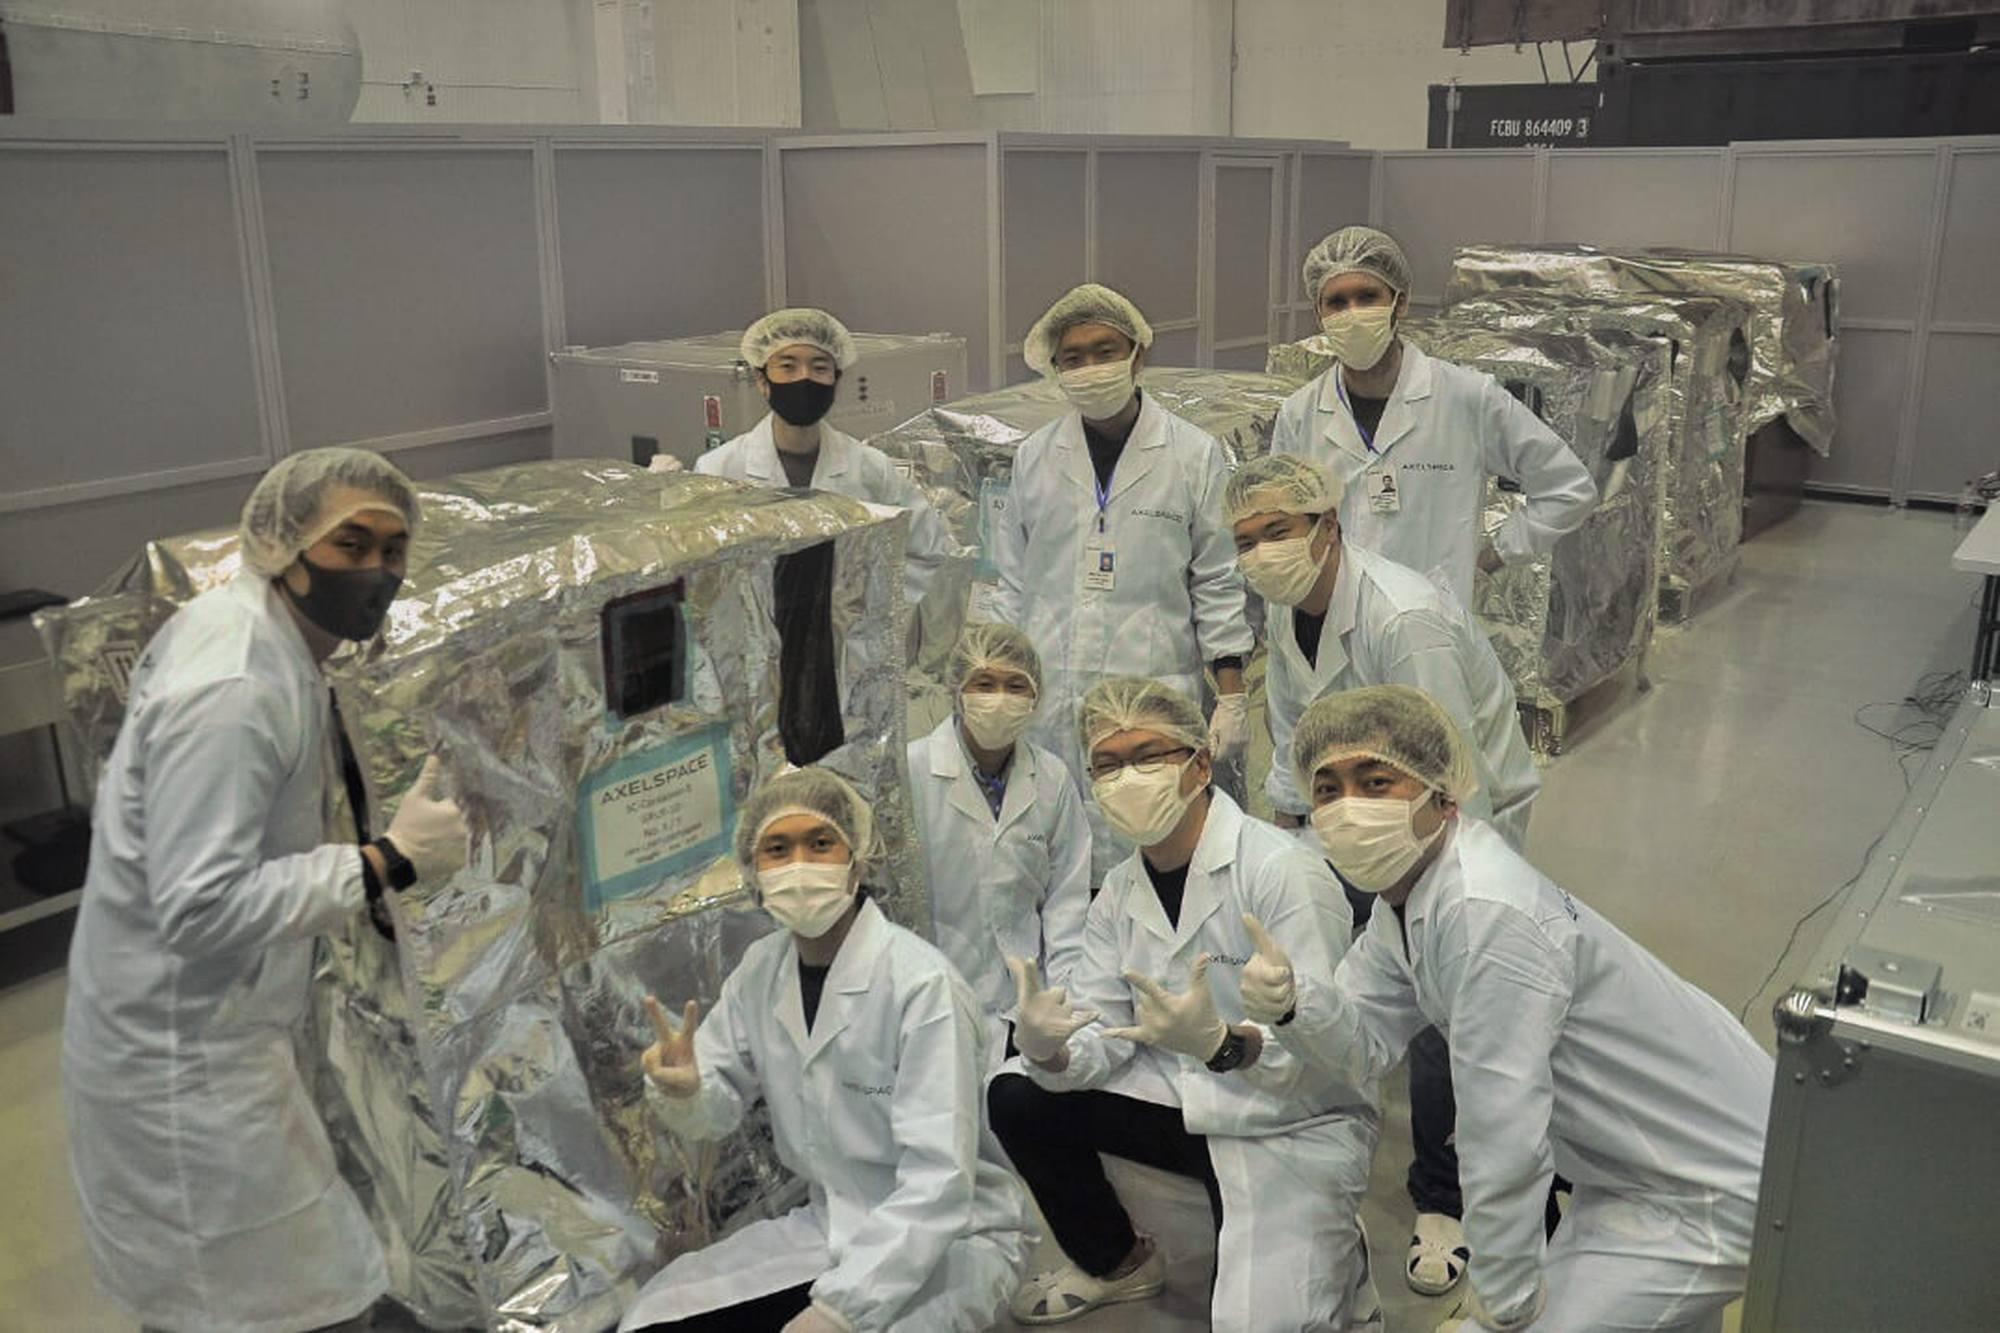 L'équipe japonaise d'AxelSpace à Baïkonour.